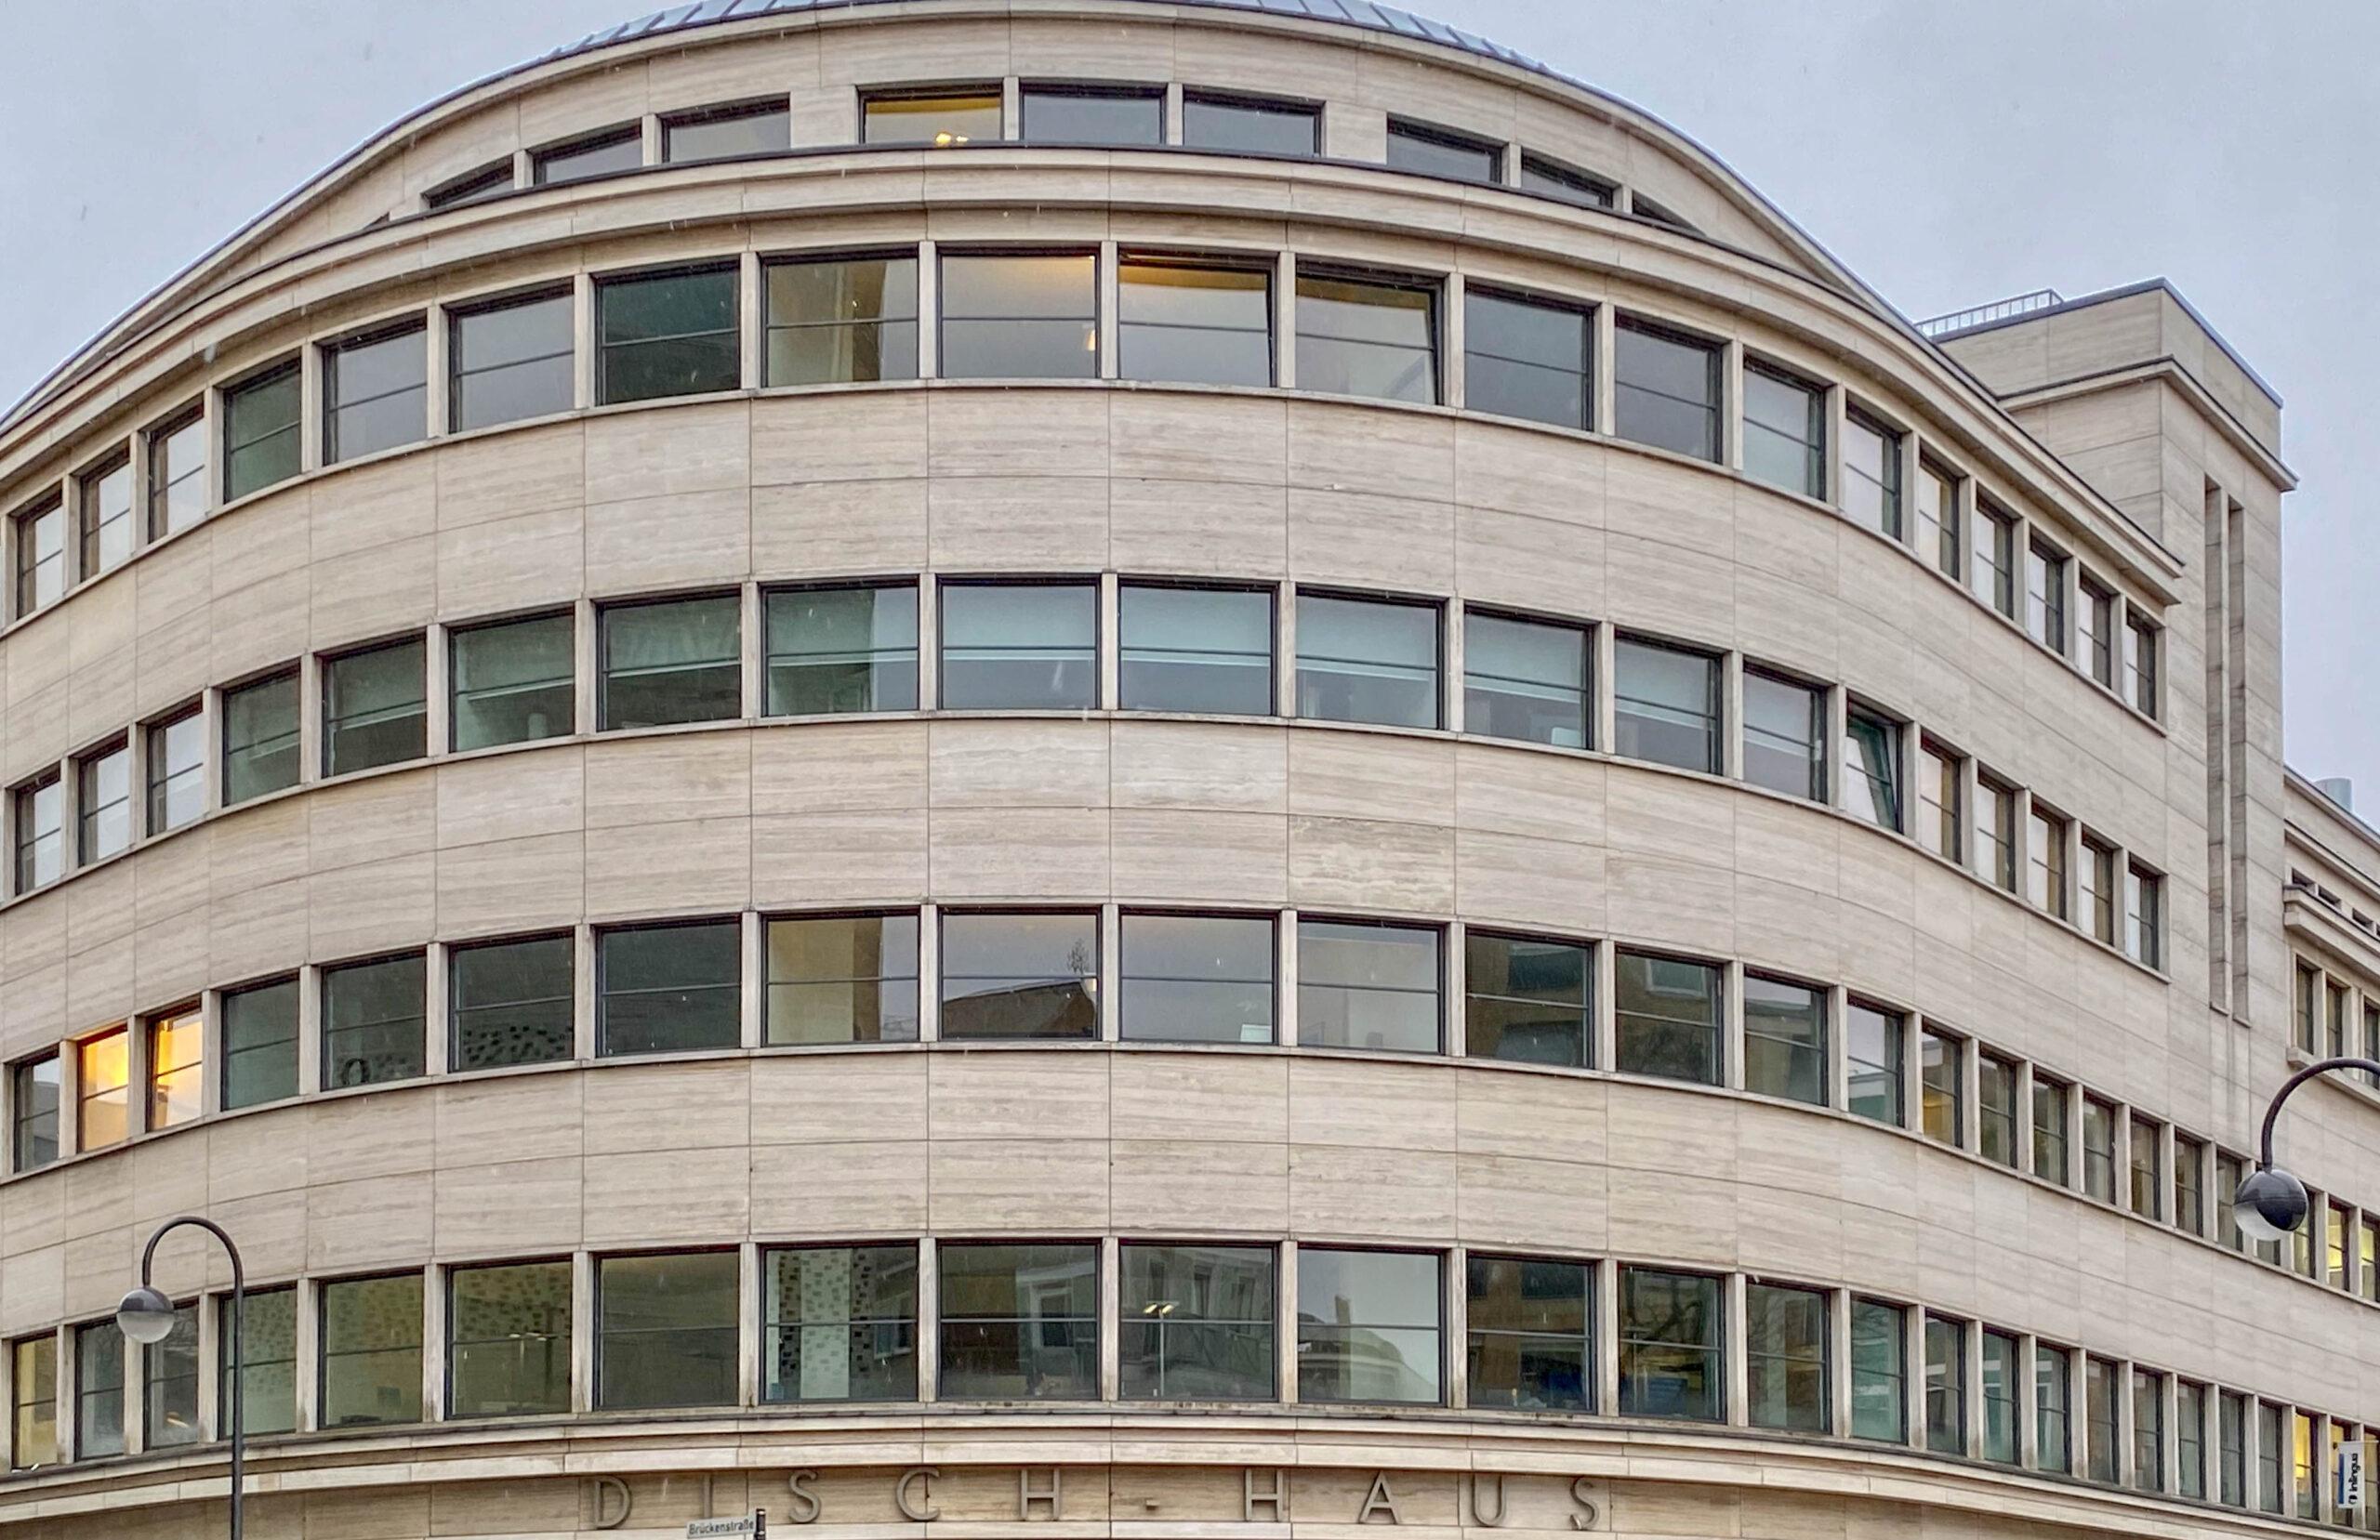 Dischhaus, 1928-1930. Architekten: Bruno Paul, Franz Weber